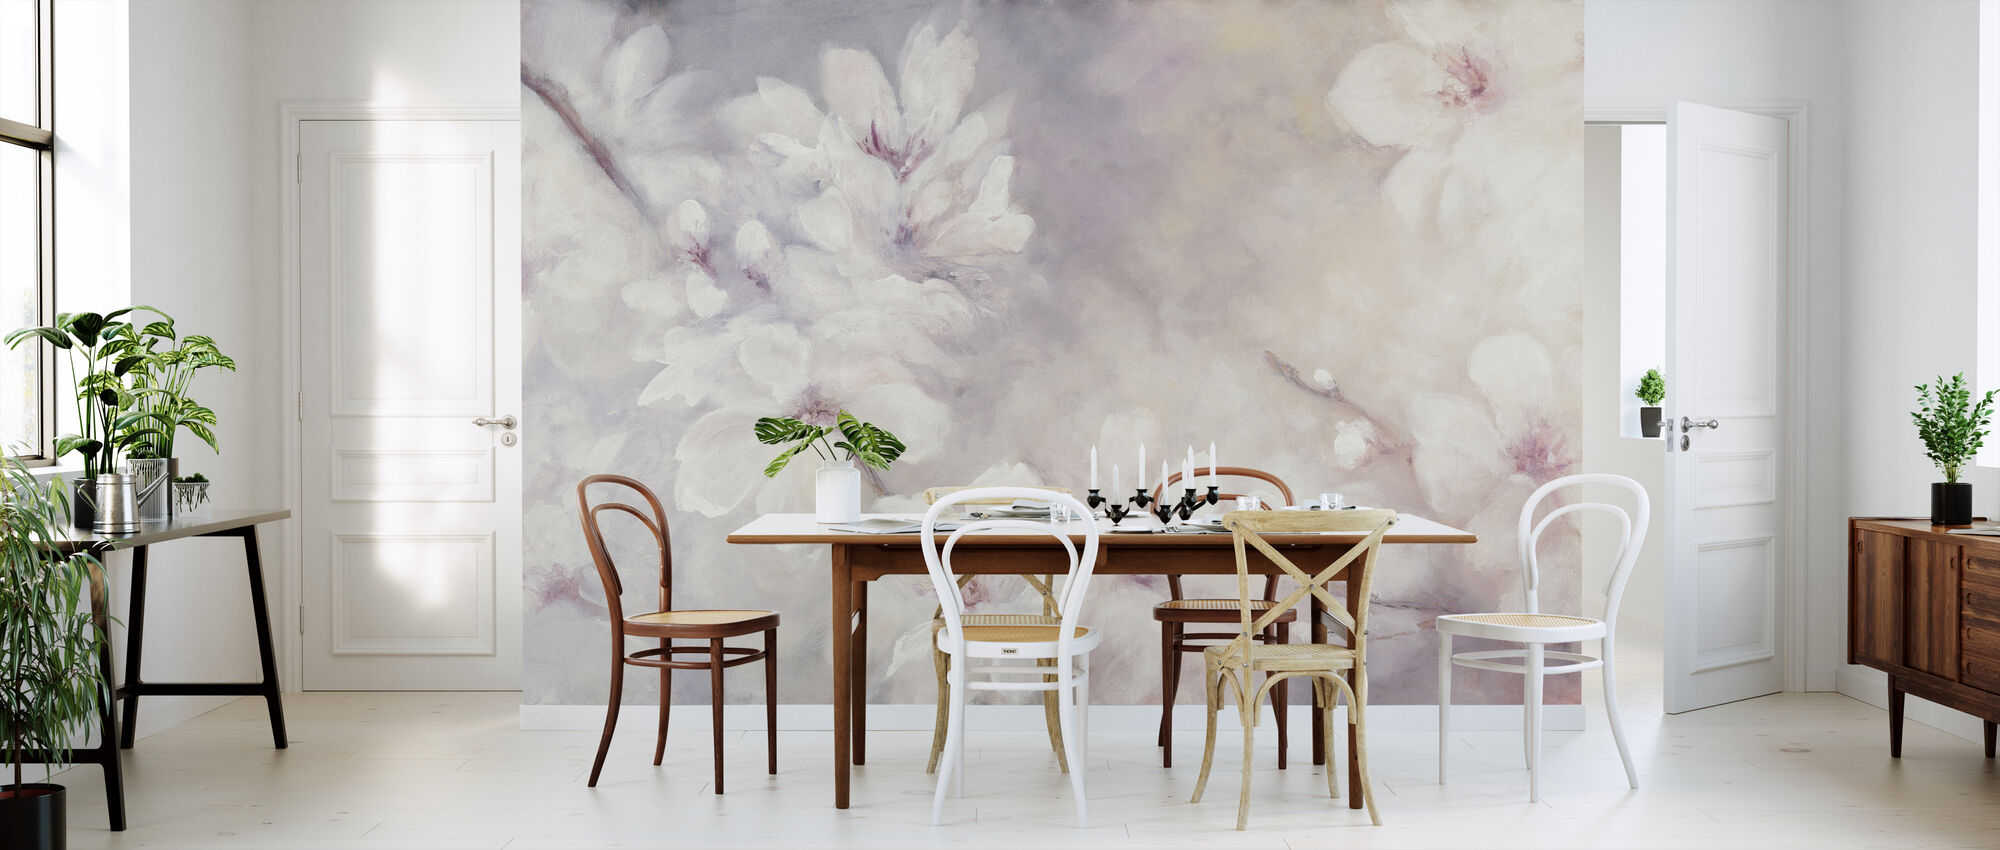 Kirsikankukkia maalaus - Tapetti - Keittiö